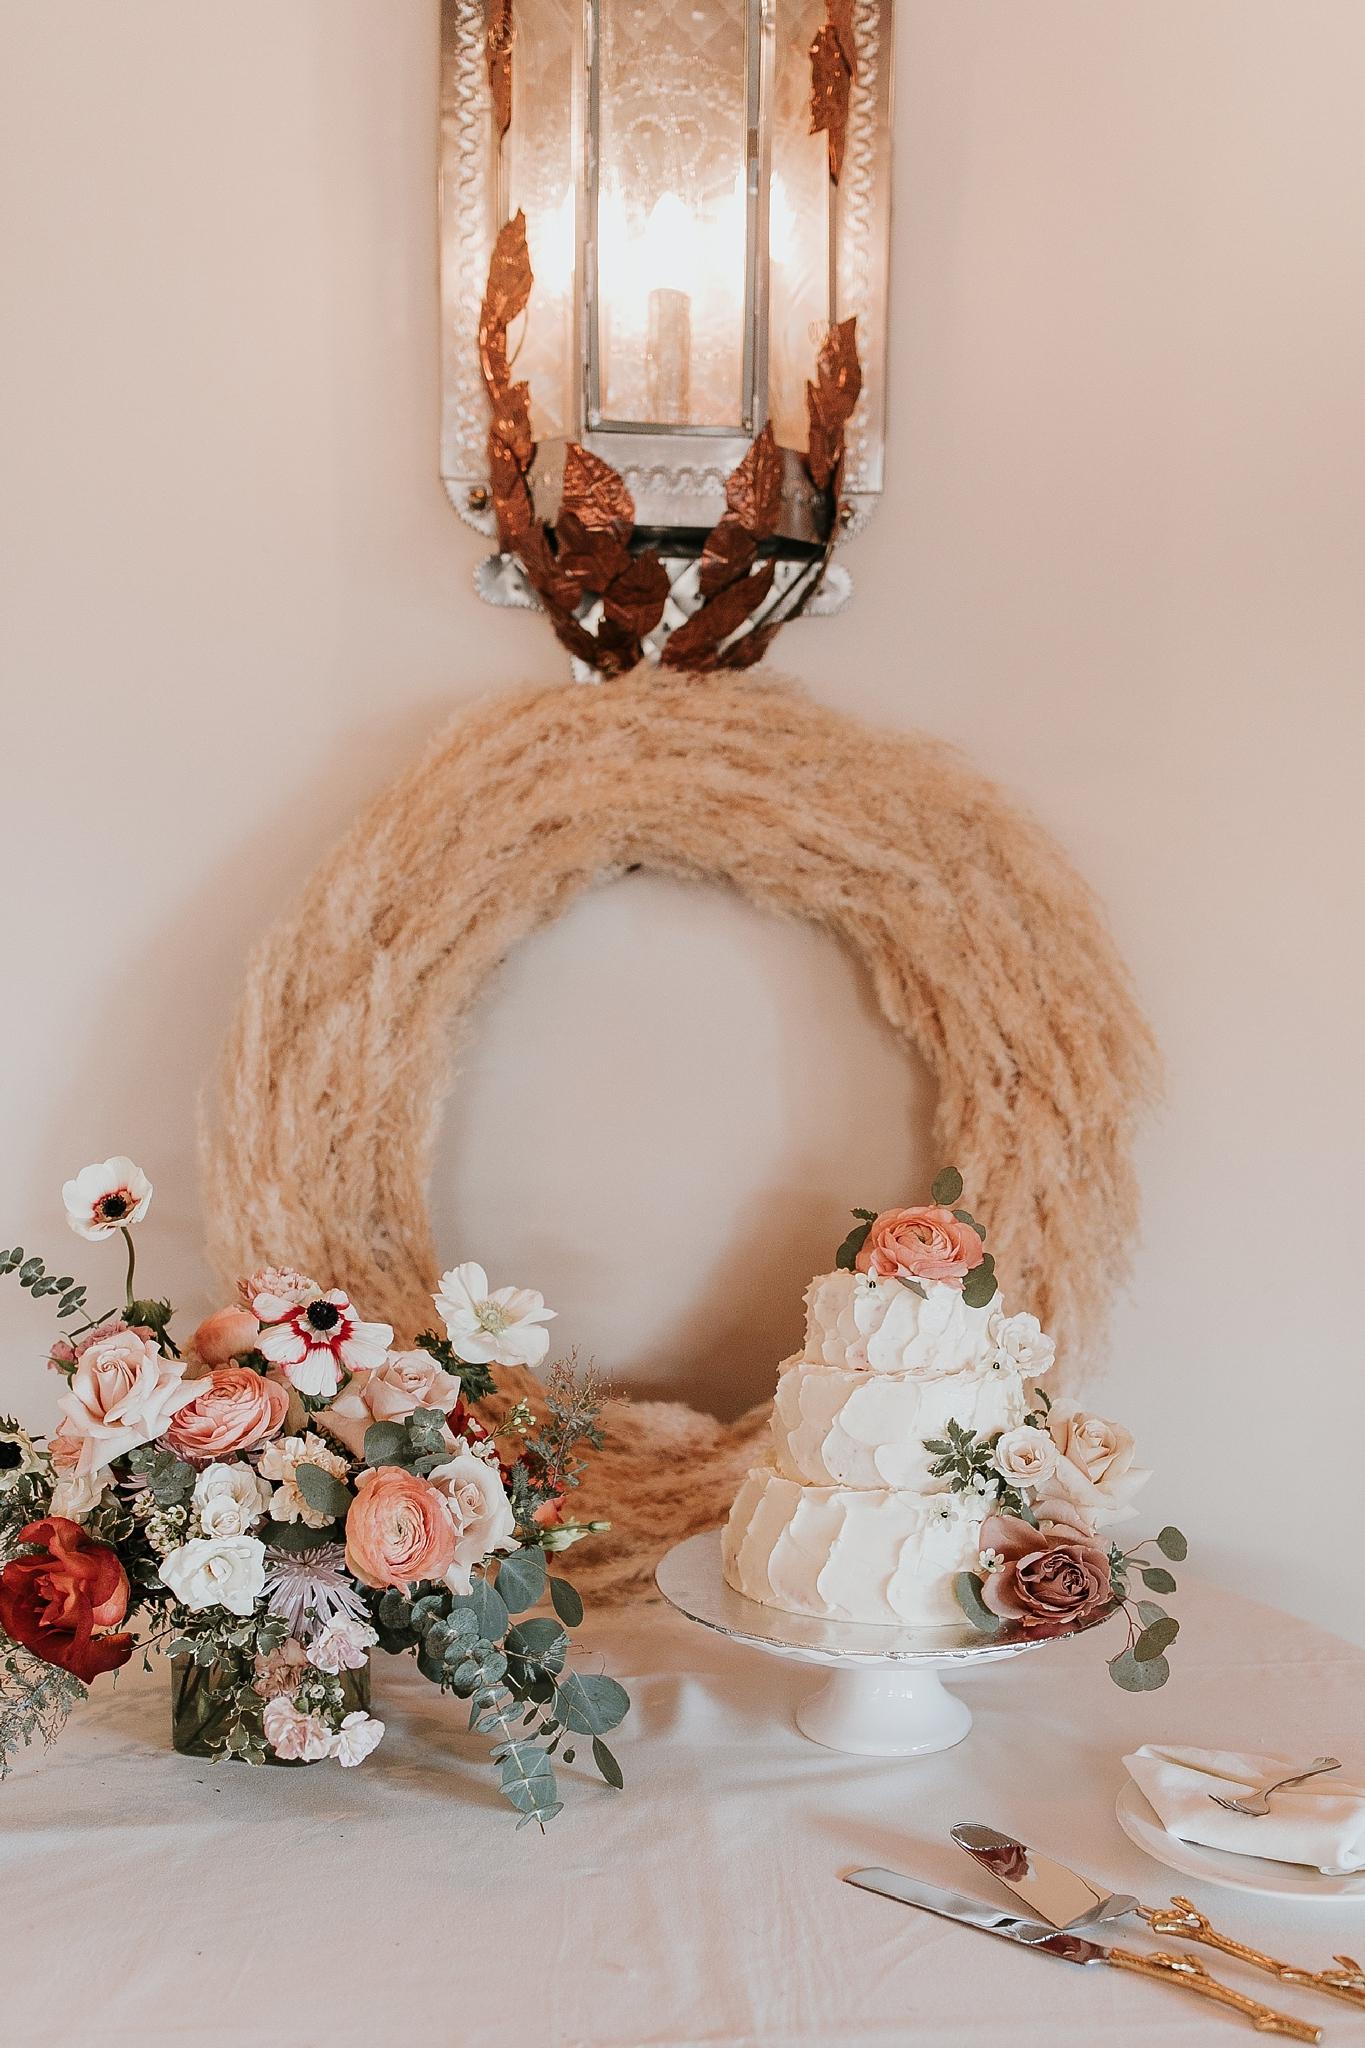 Alicia+lucia+photography+-+albuquerque+wedding+photographer+-+santa+fe+wedding+photography+-+new+mexico+wedding+photographer+-+new+mexico+wedding+-+new+mexico+wedding+-+wedding+florals+-+desert+wedding+-+wedding+trends_0045.jpg